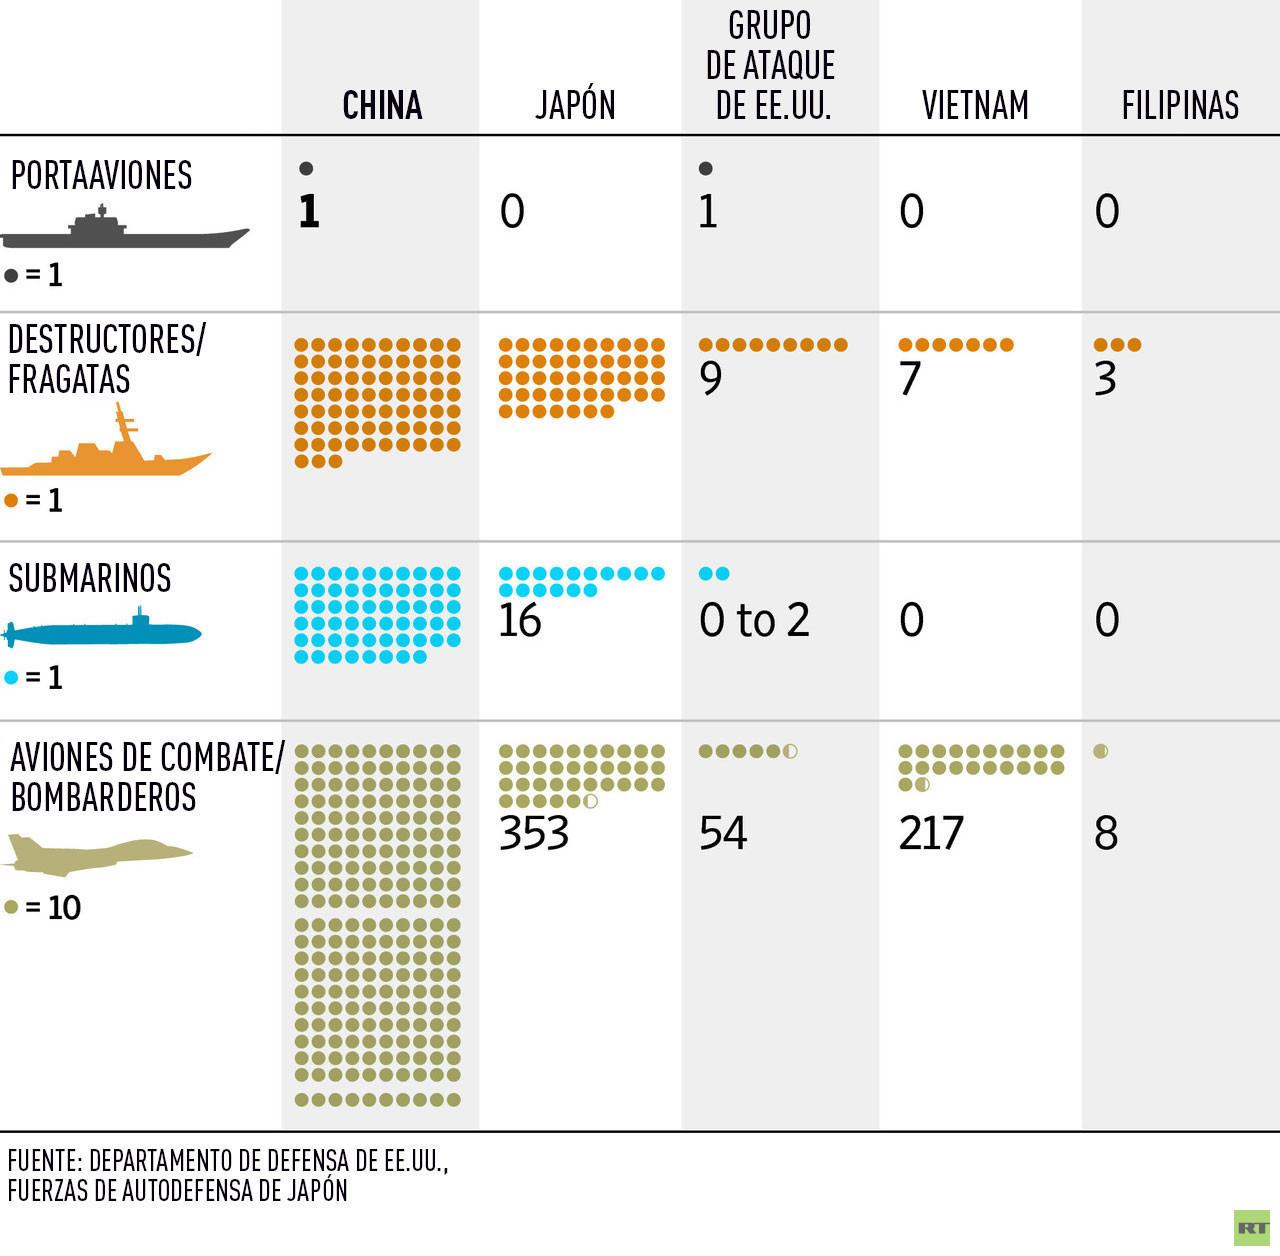 Proporciones de la presencia militar de cinco países en Asia Pacífico